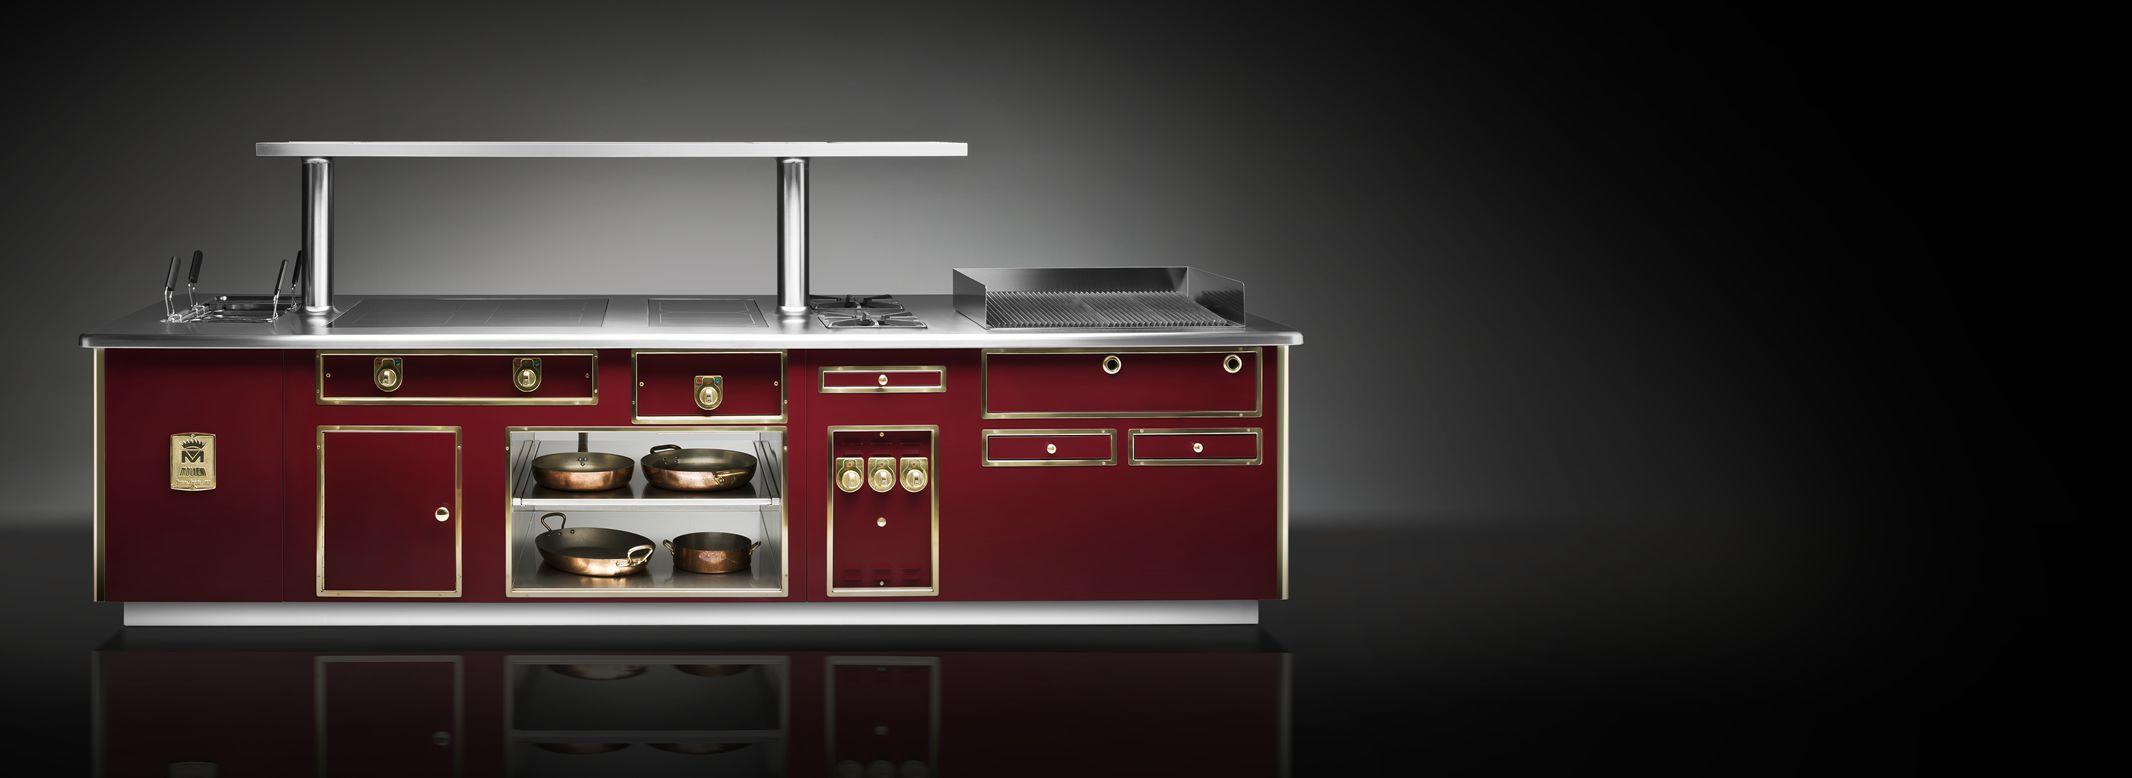 Cucina Professionale Molteni | All Steel Di Iittala X Cucinare Lista ...